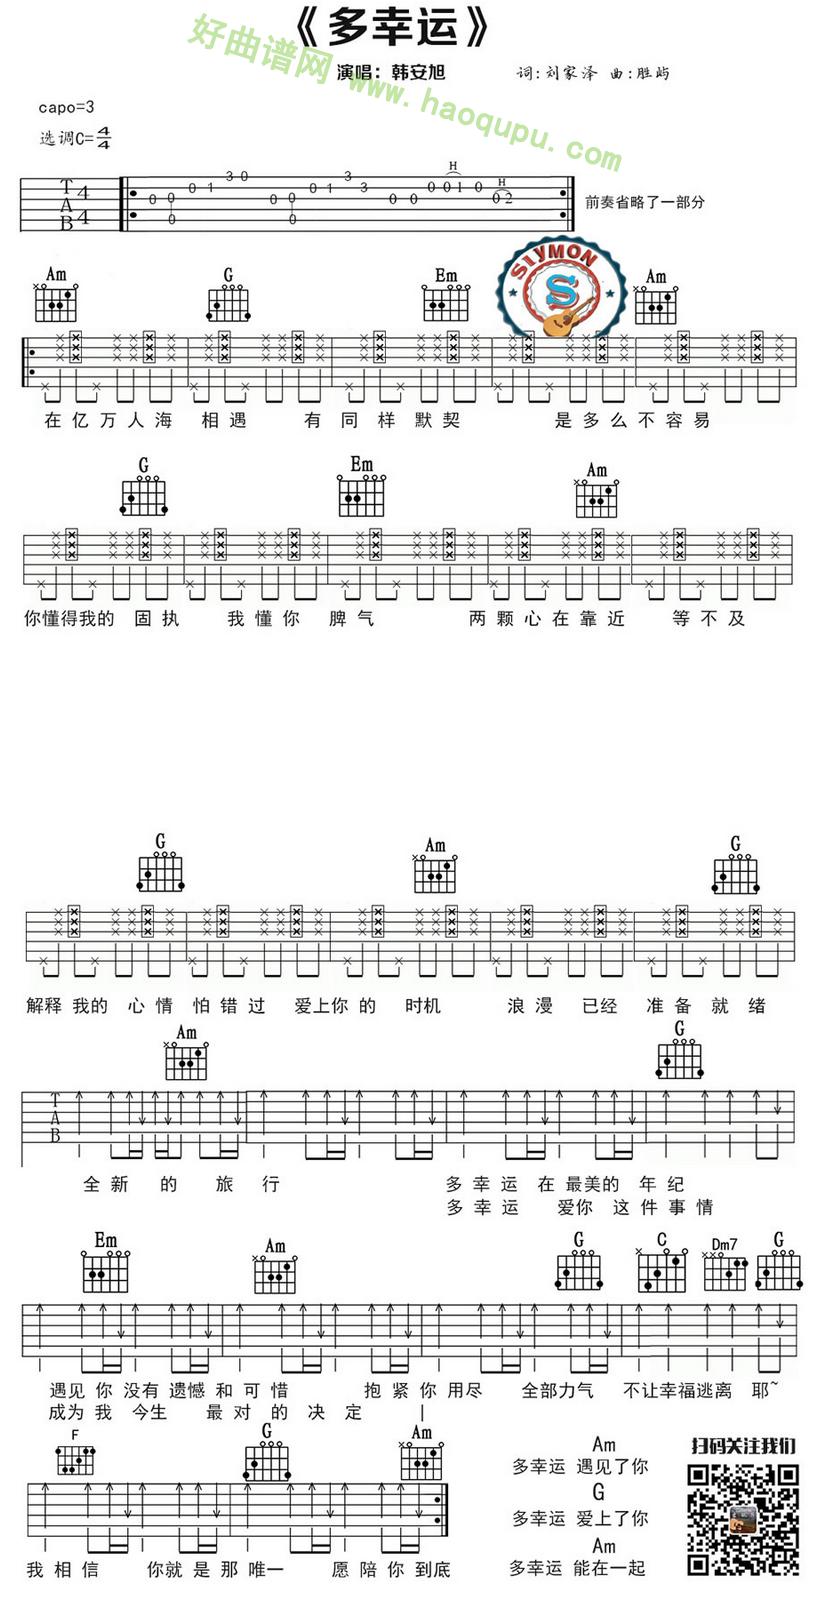 好运旺歌谱-小幸运吉他谱17